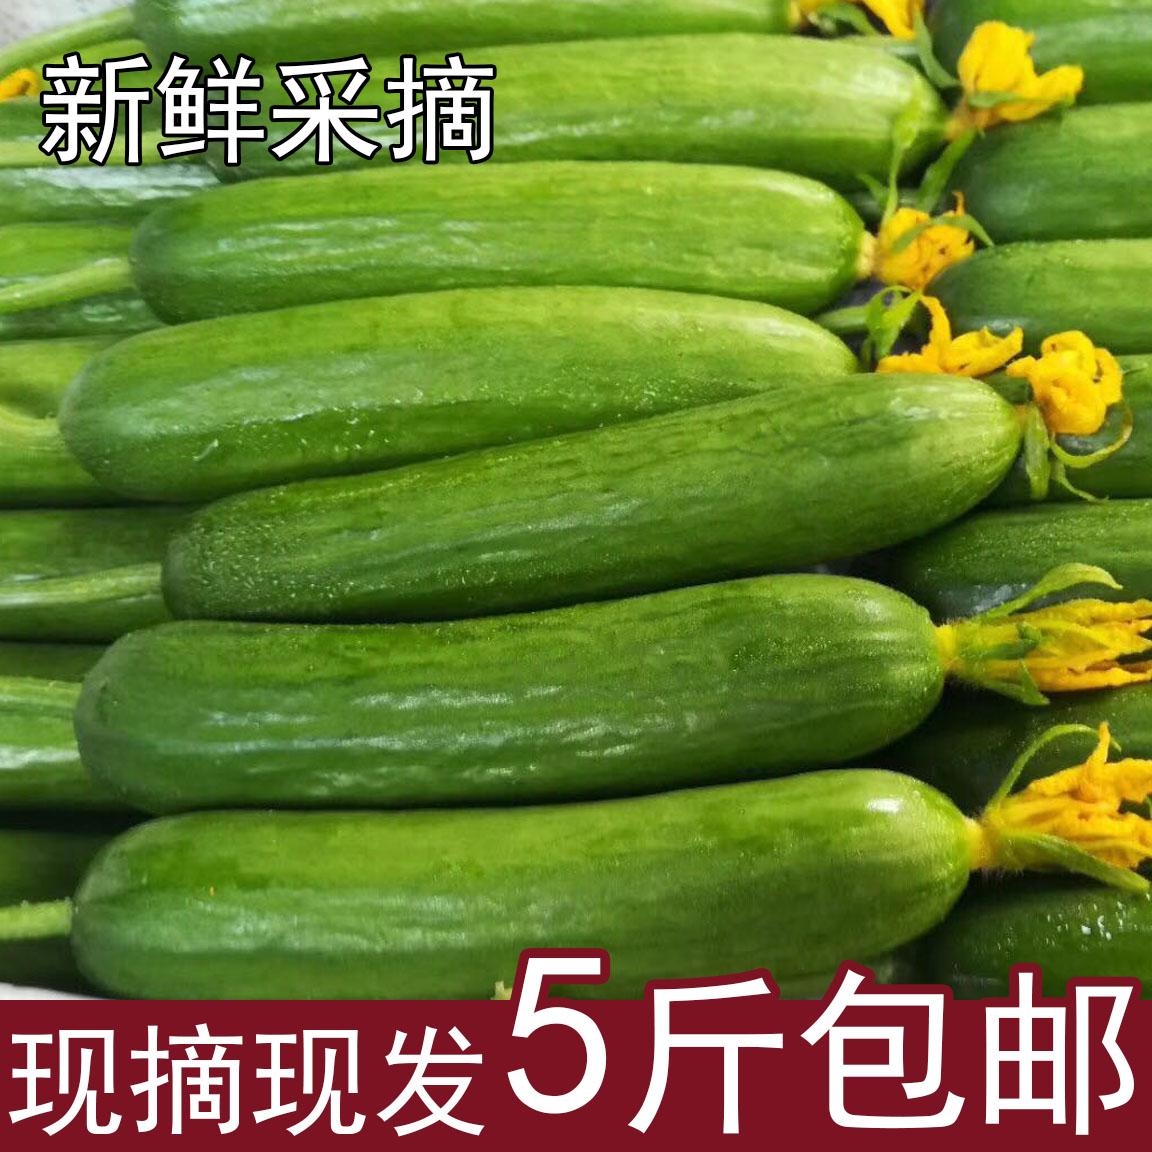 荷兰水果黄瓜新鲜蔬菜农家自种小黄瓜天然无农药现摘现发5斤包邮